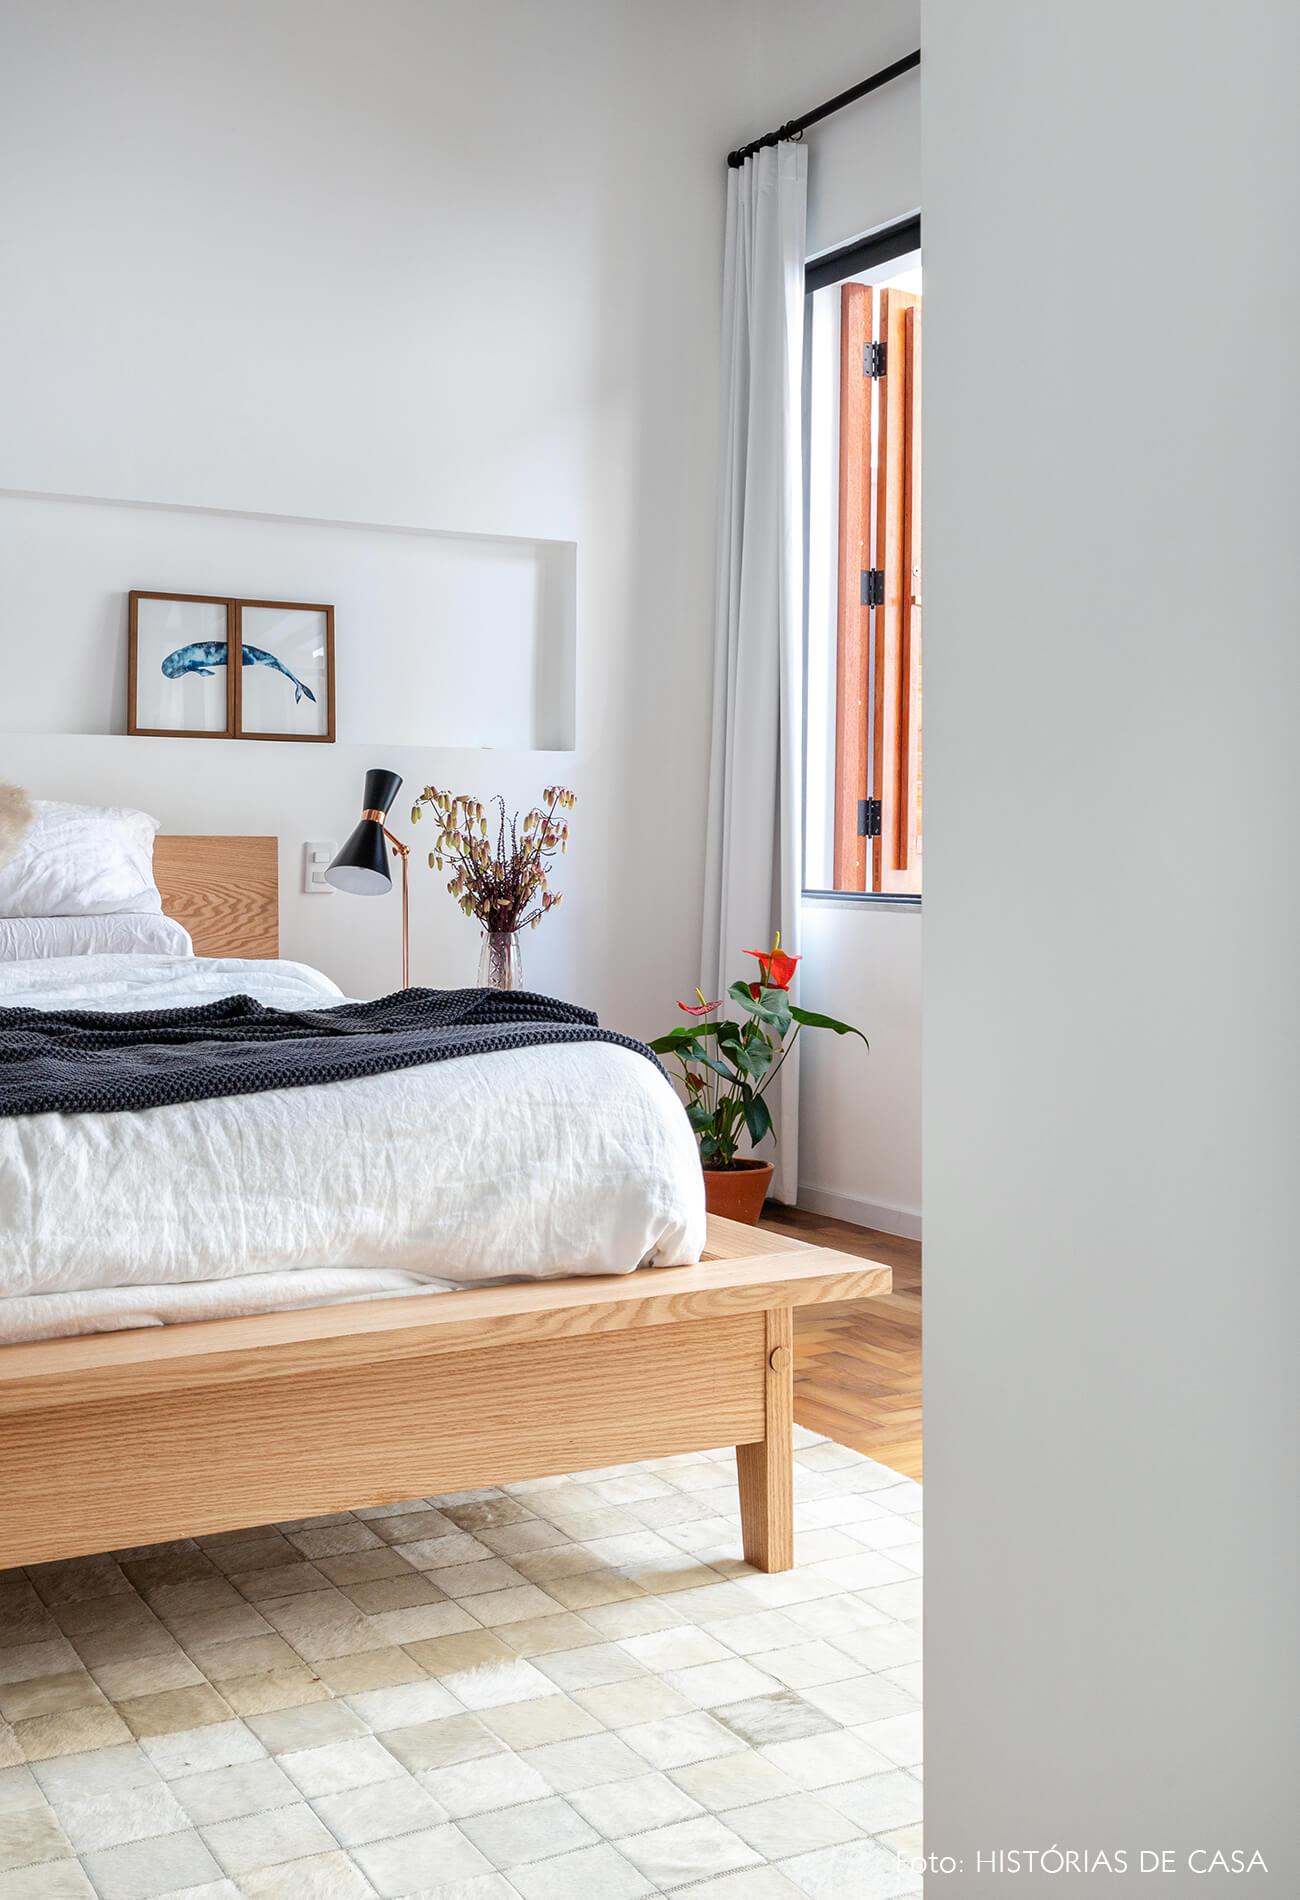 decoração quarto branco cama madeira clara